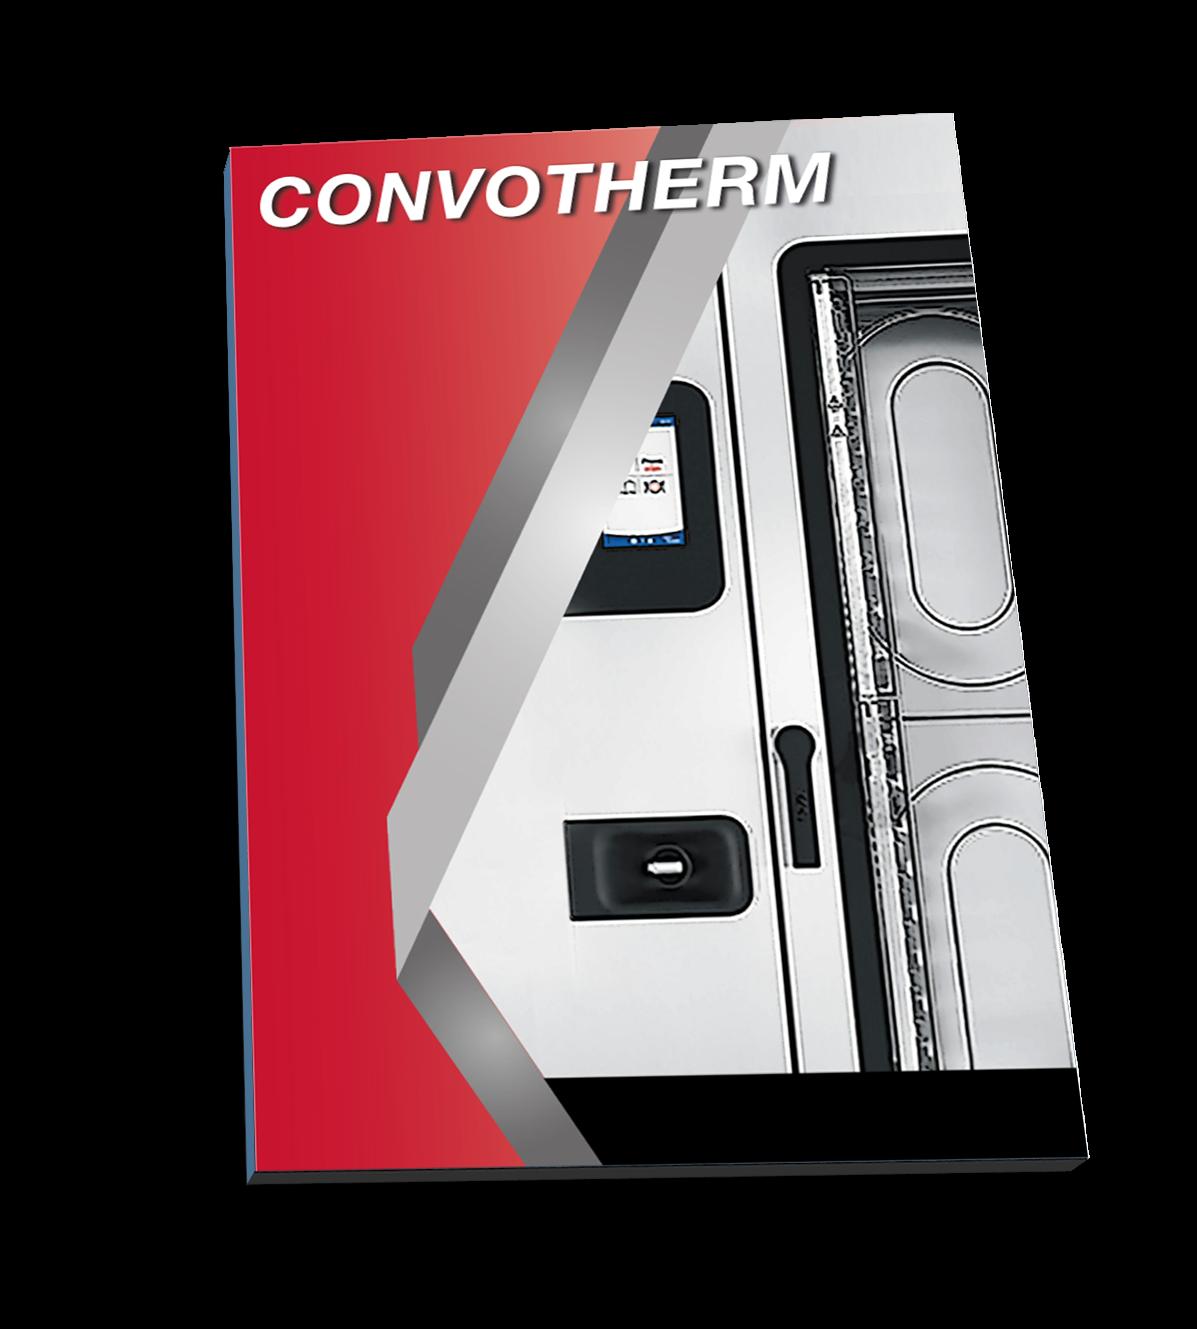 Convotherm_3D